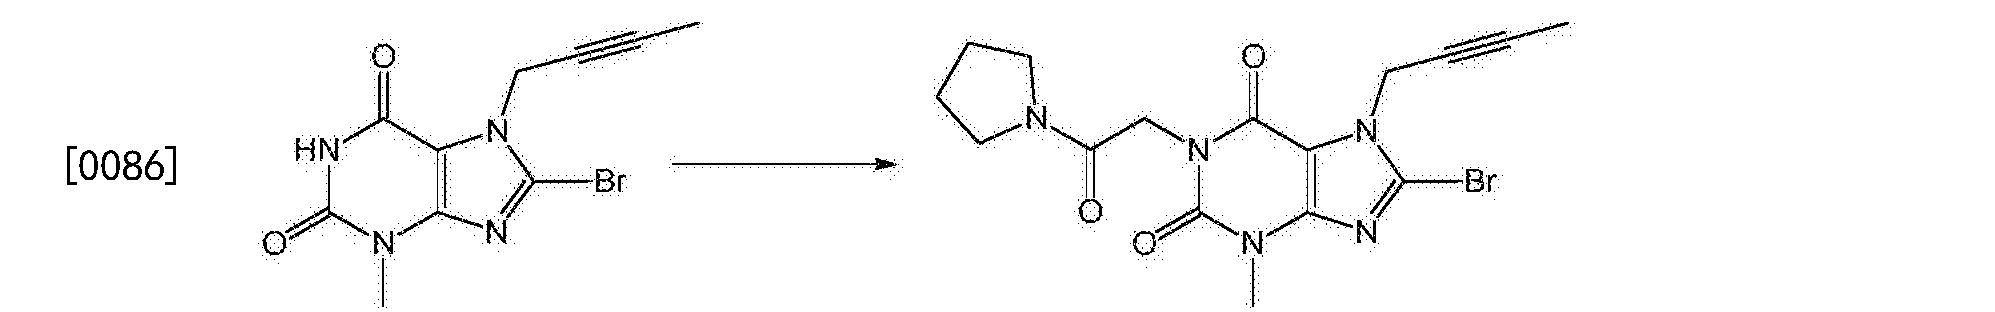 Figure CN105503873BD00121